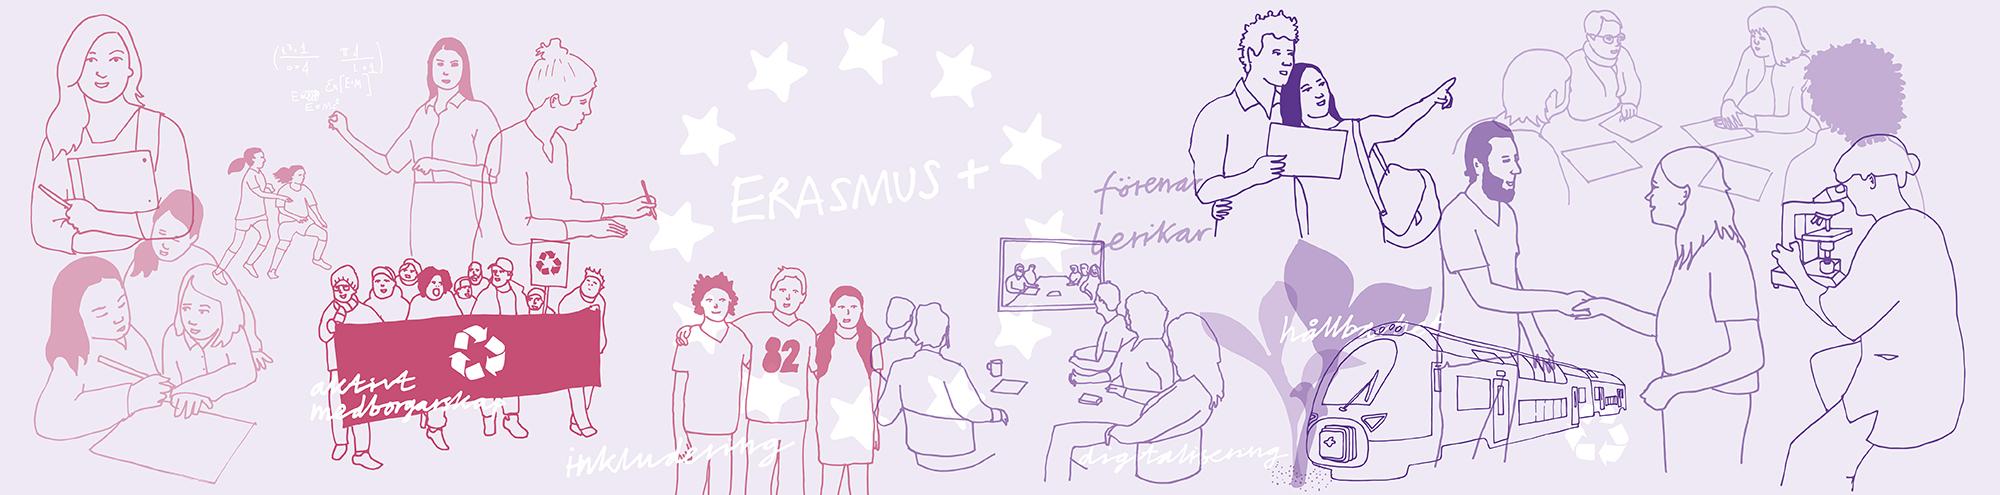 Huvudbild för Erasmus+ lansering 19 mars